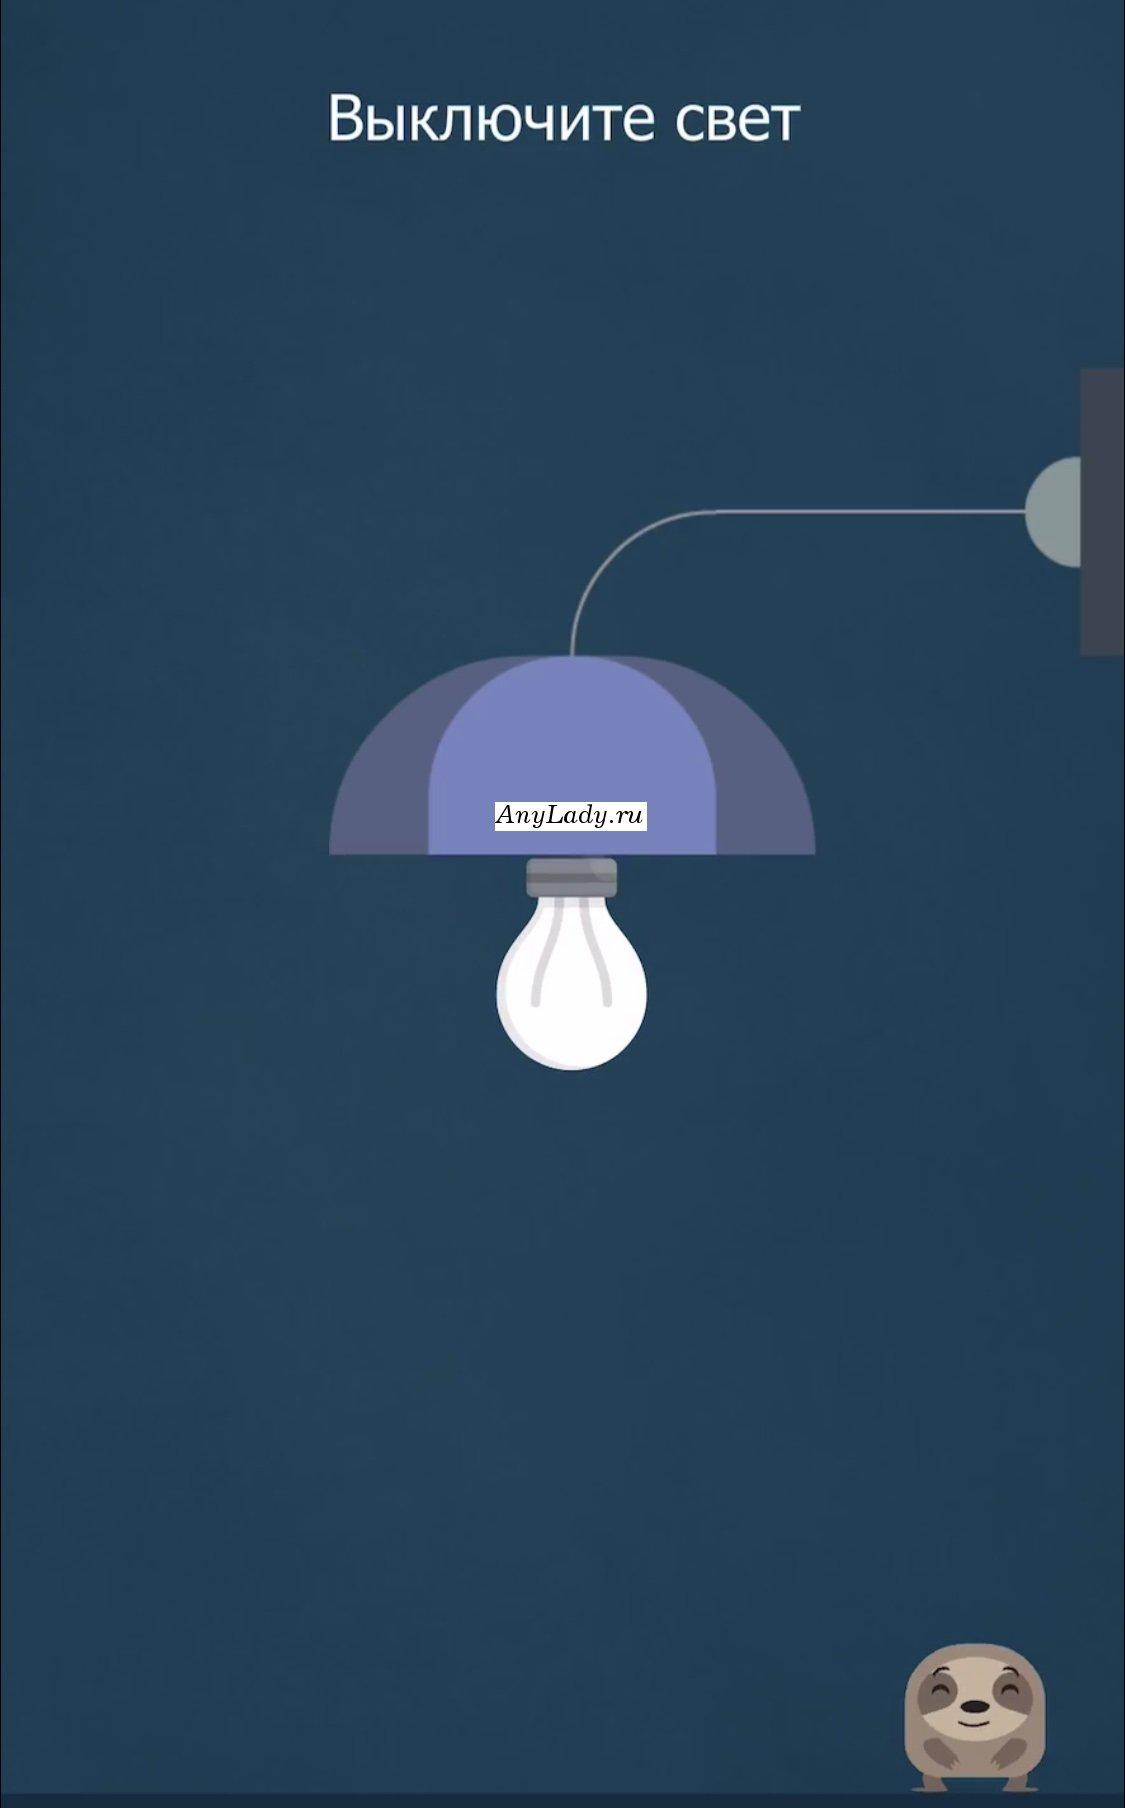 Выкручивайте лампочку слева - на право, проводя по лампочке пальцем.